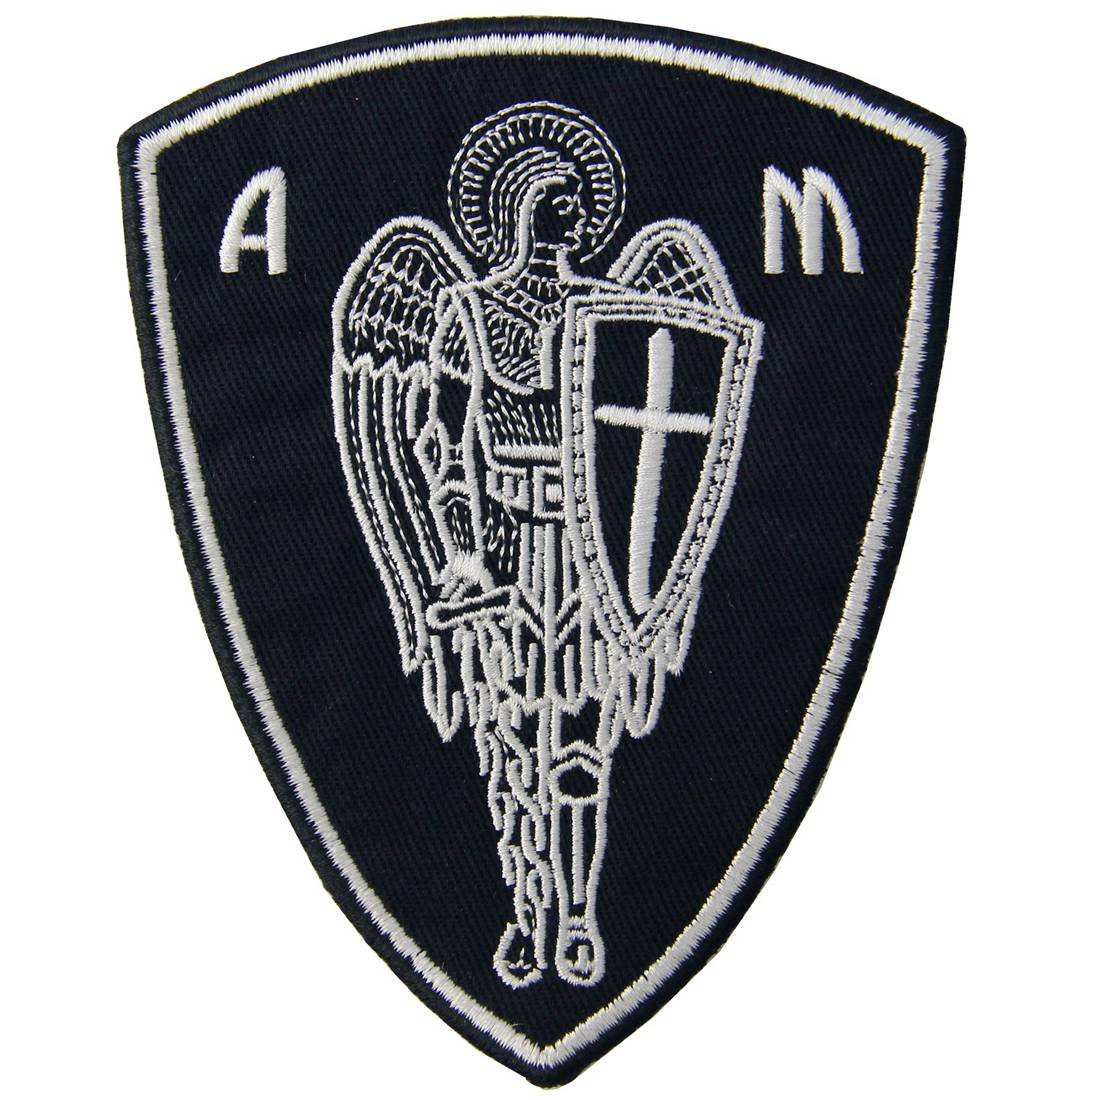 Michael Army Tactical Morale Combat Patch Biker Motorcycle Archangel Saint St